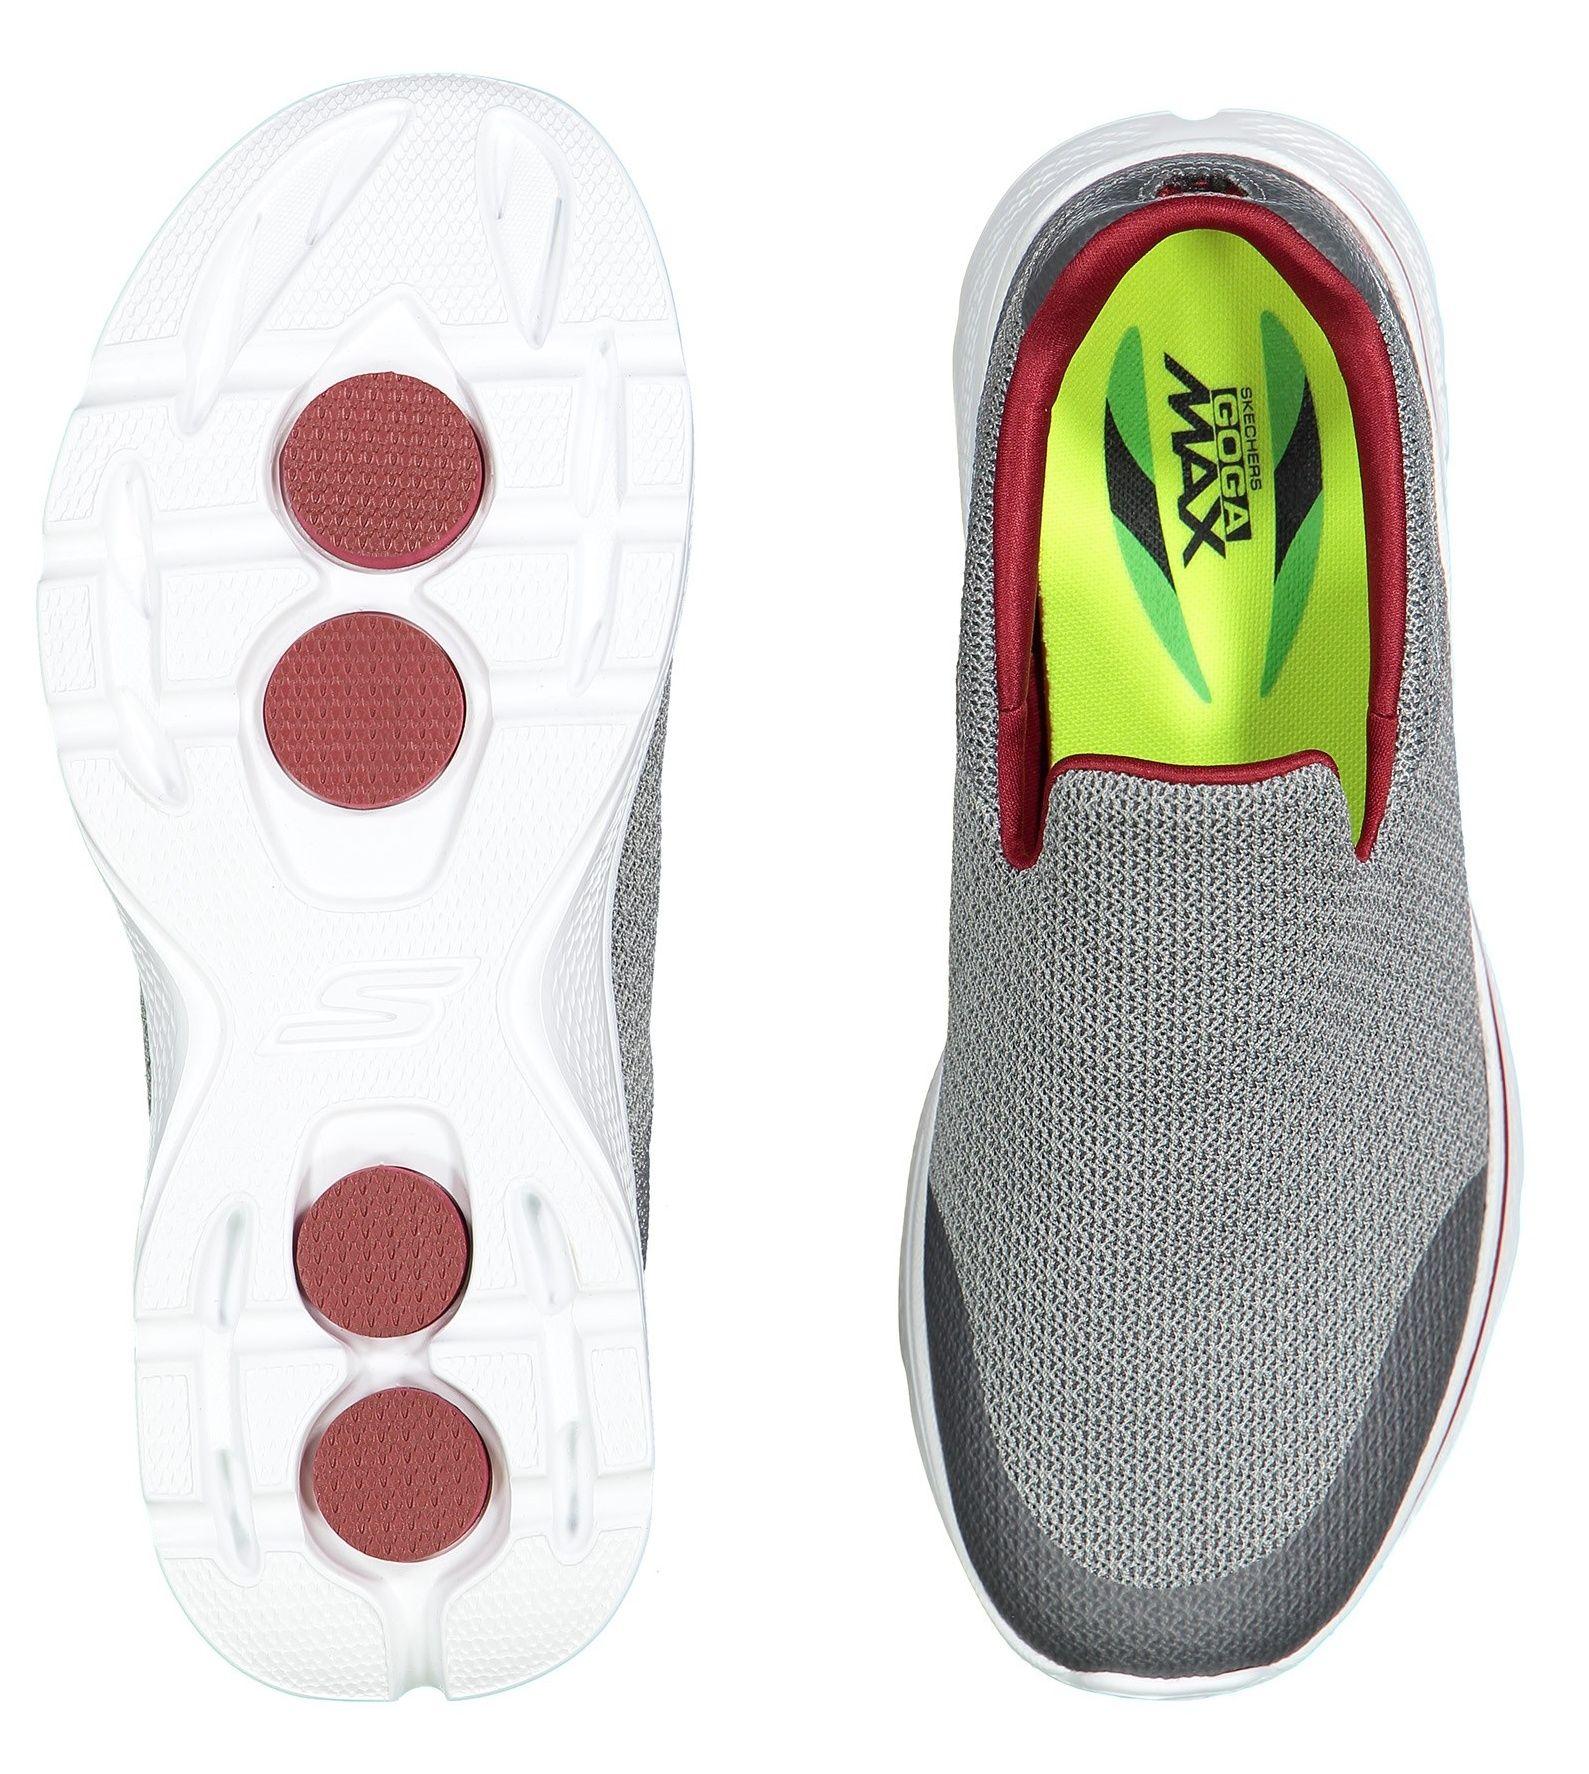 کفش پیاده روی پارچه ای مردانه GOwalk 4 Expert - اسکچرز - طوسي - 2